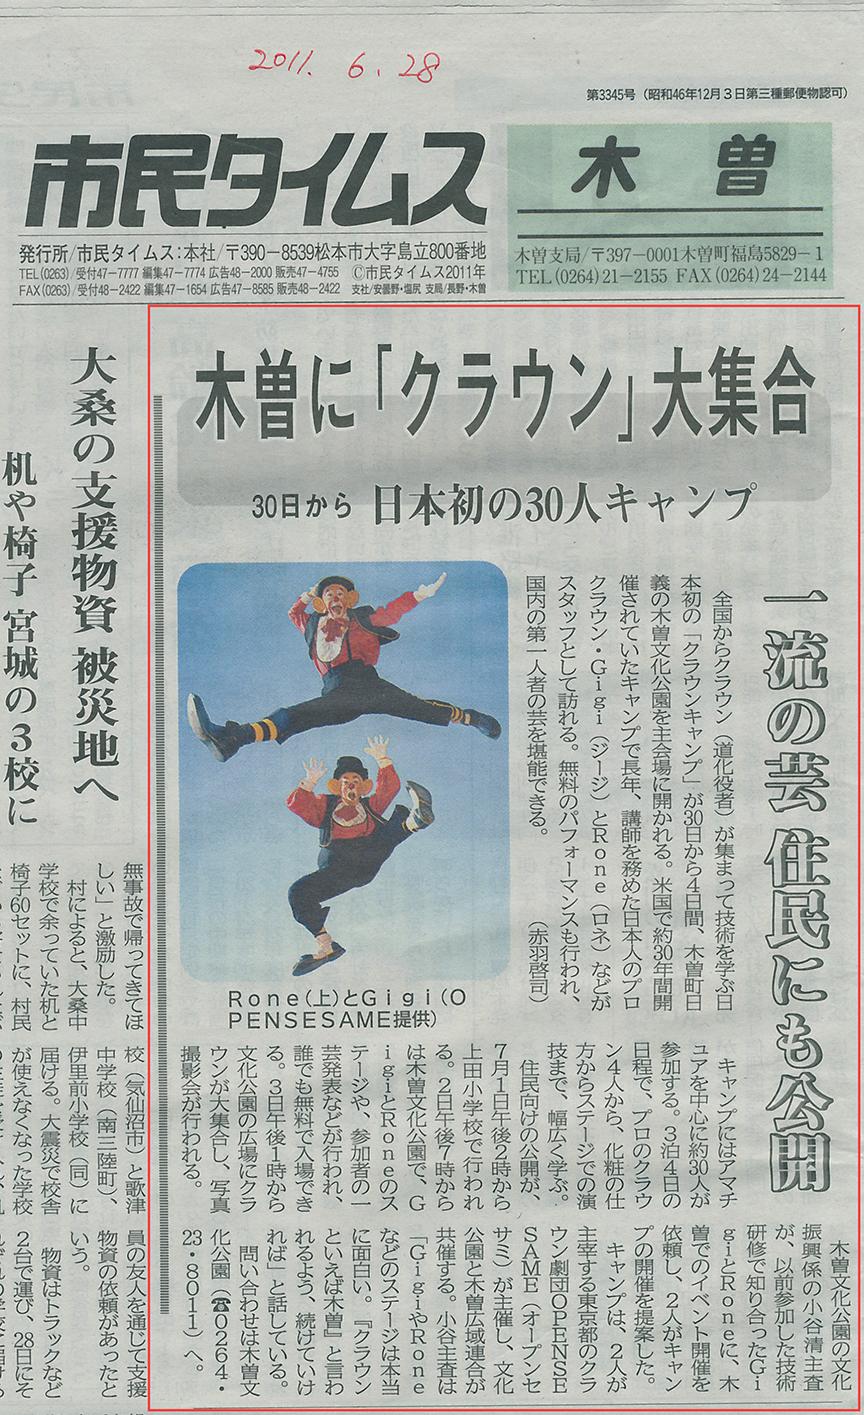 2011年6月28日市民タイムズ